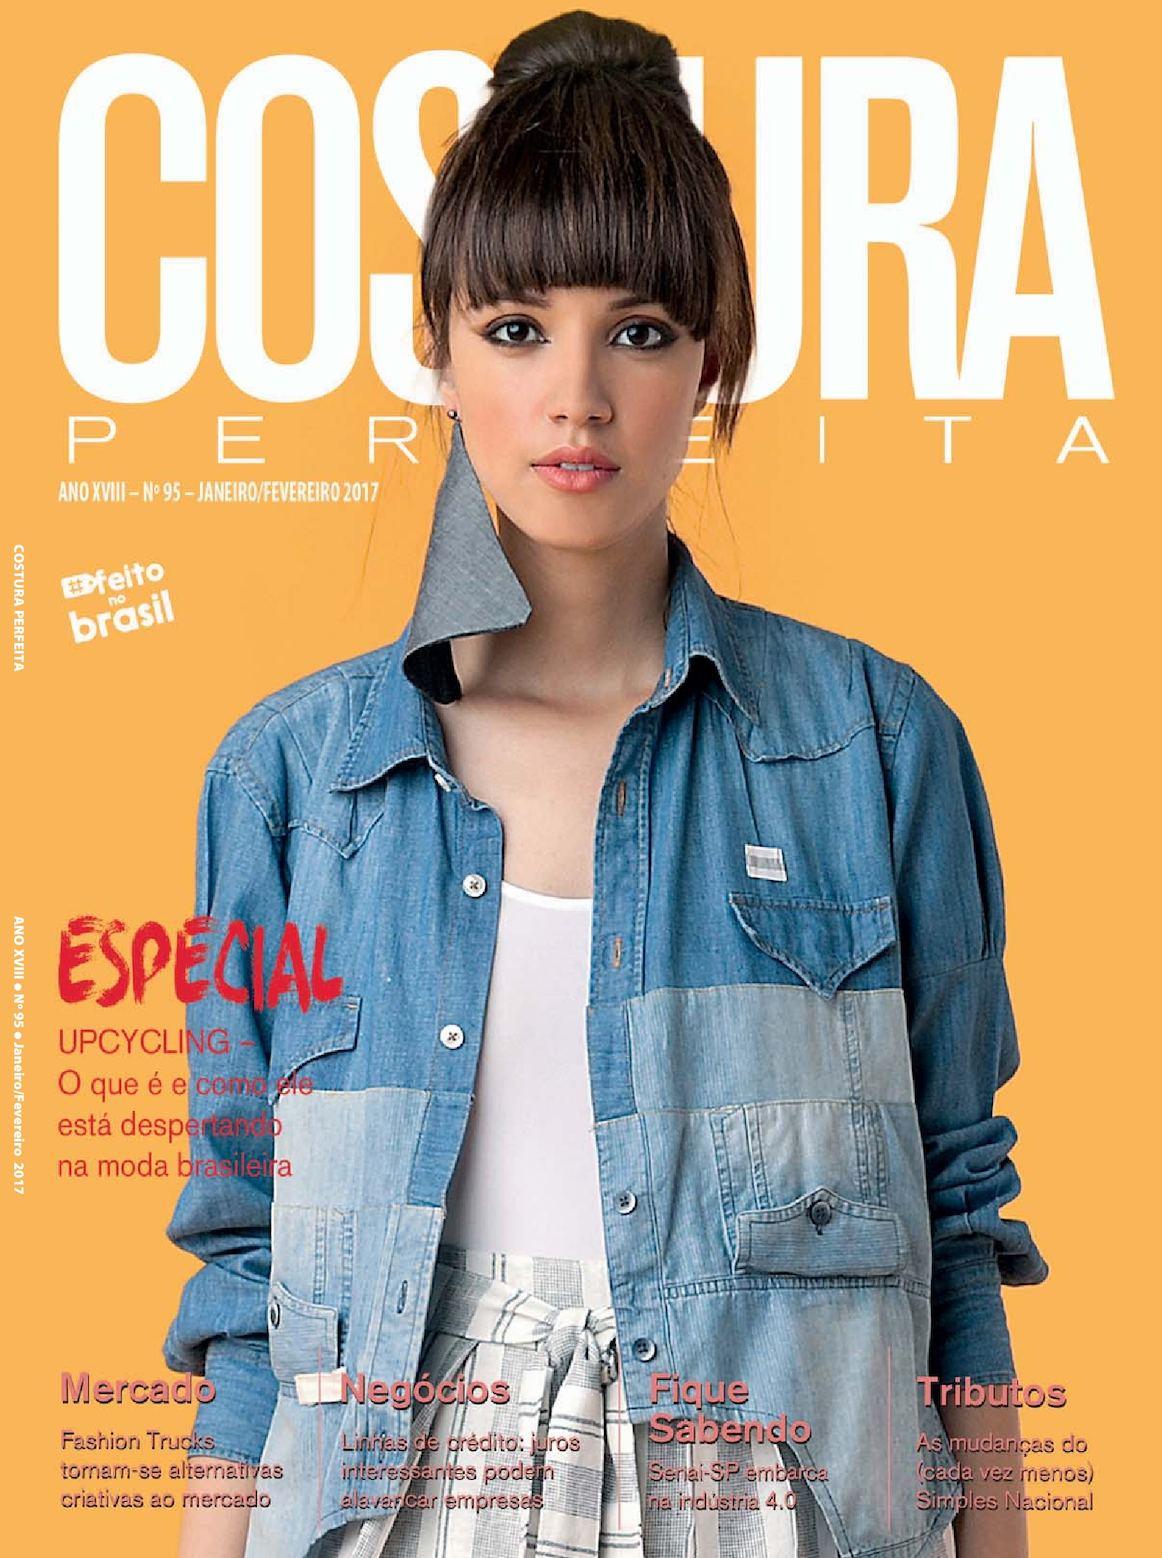 8e9525aa76ebd6 Calaméo - Revista Costura Perfeita Edição Ano XVIII - N95 - Janeiro ...